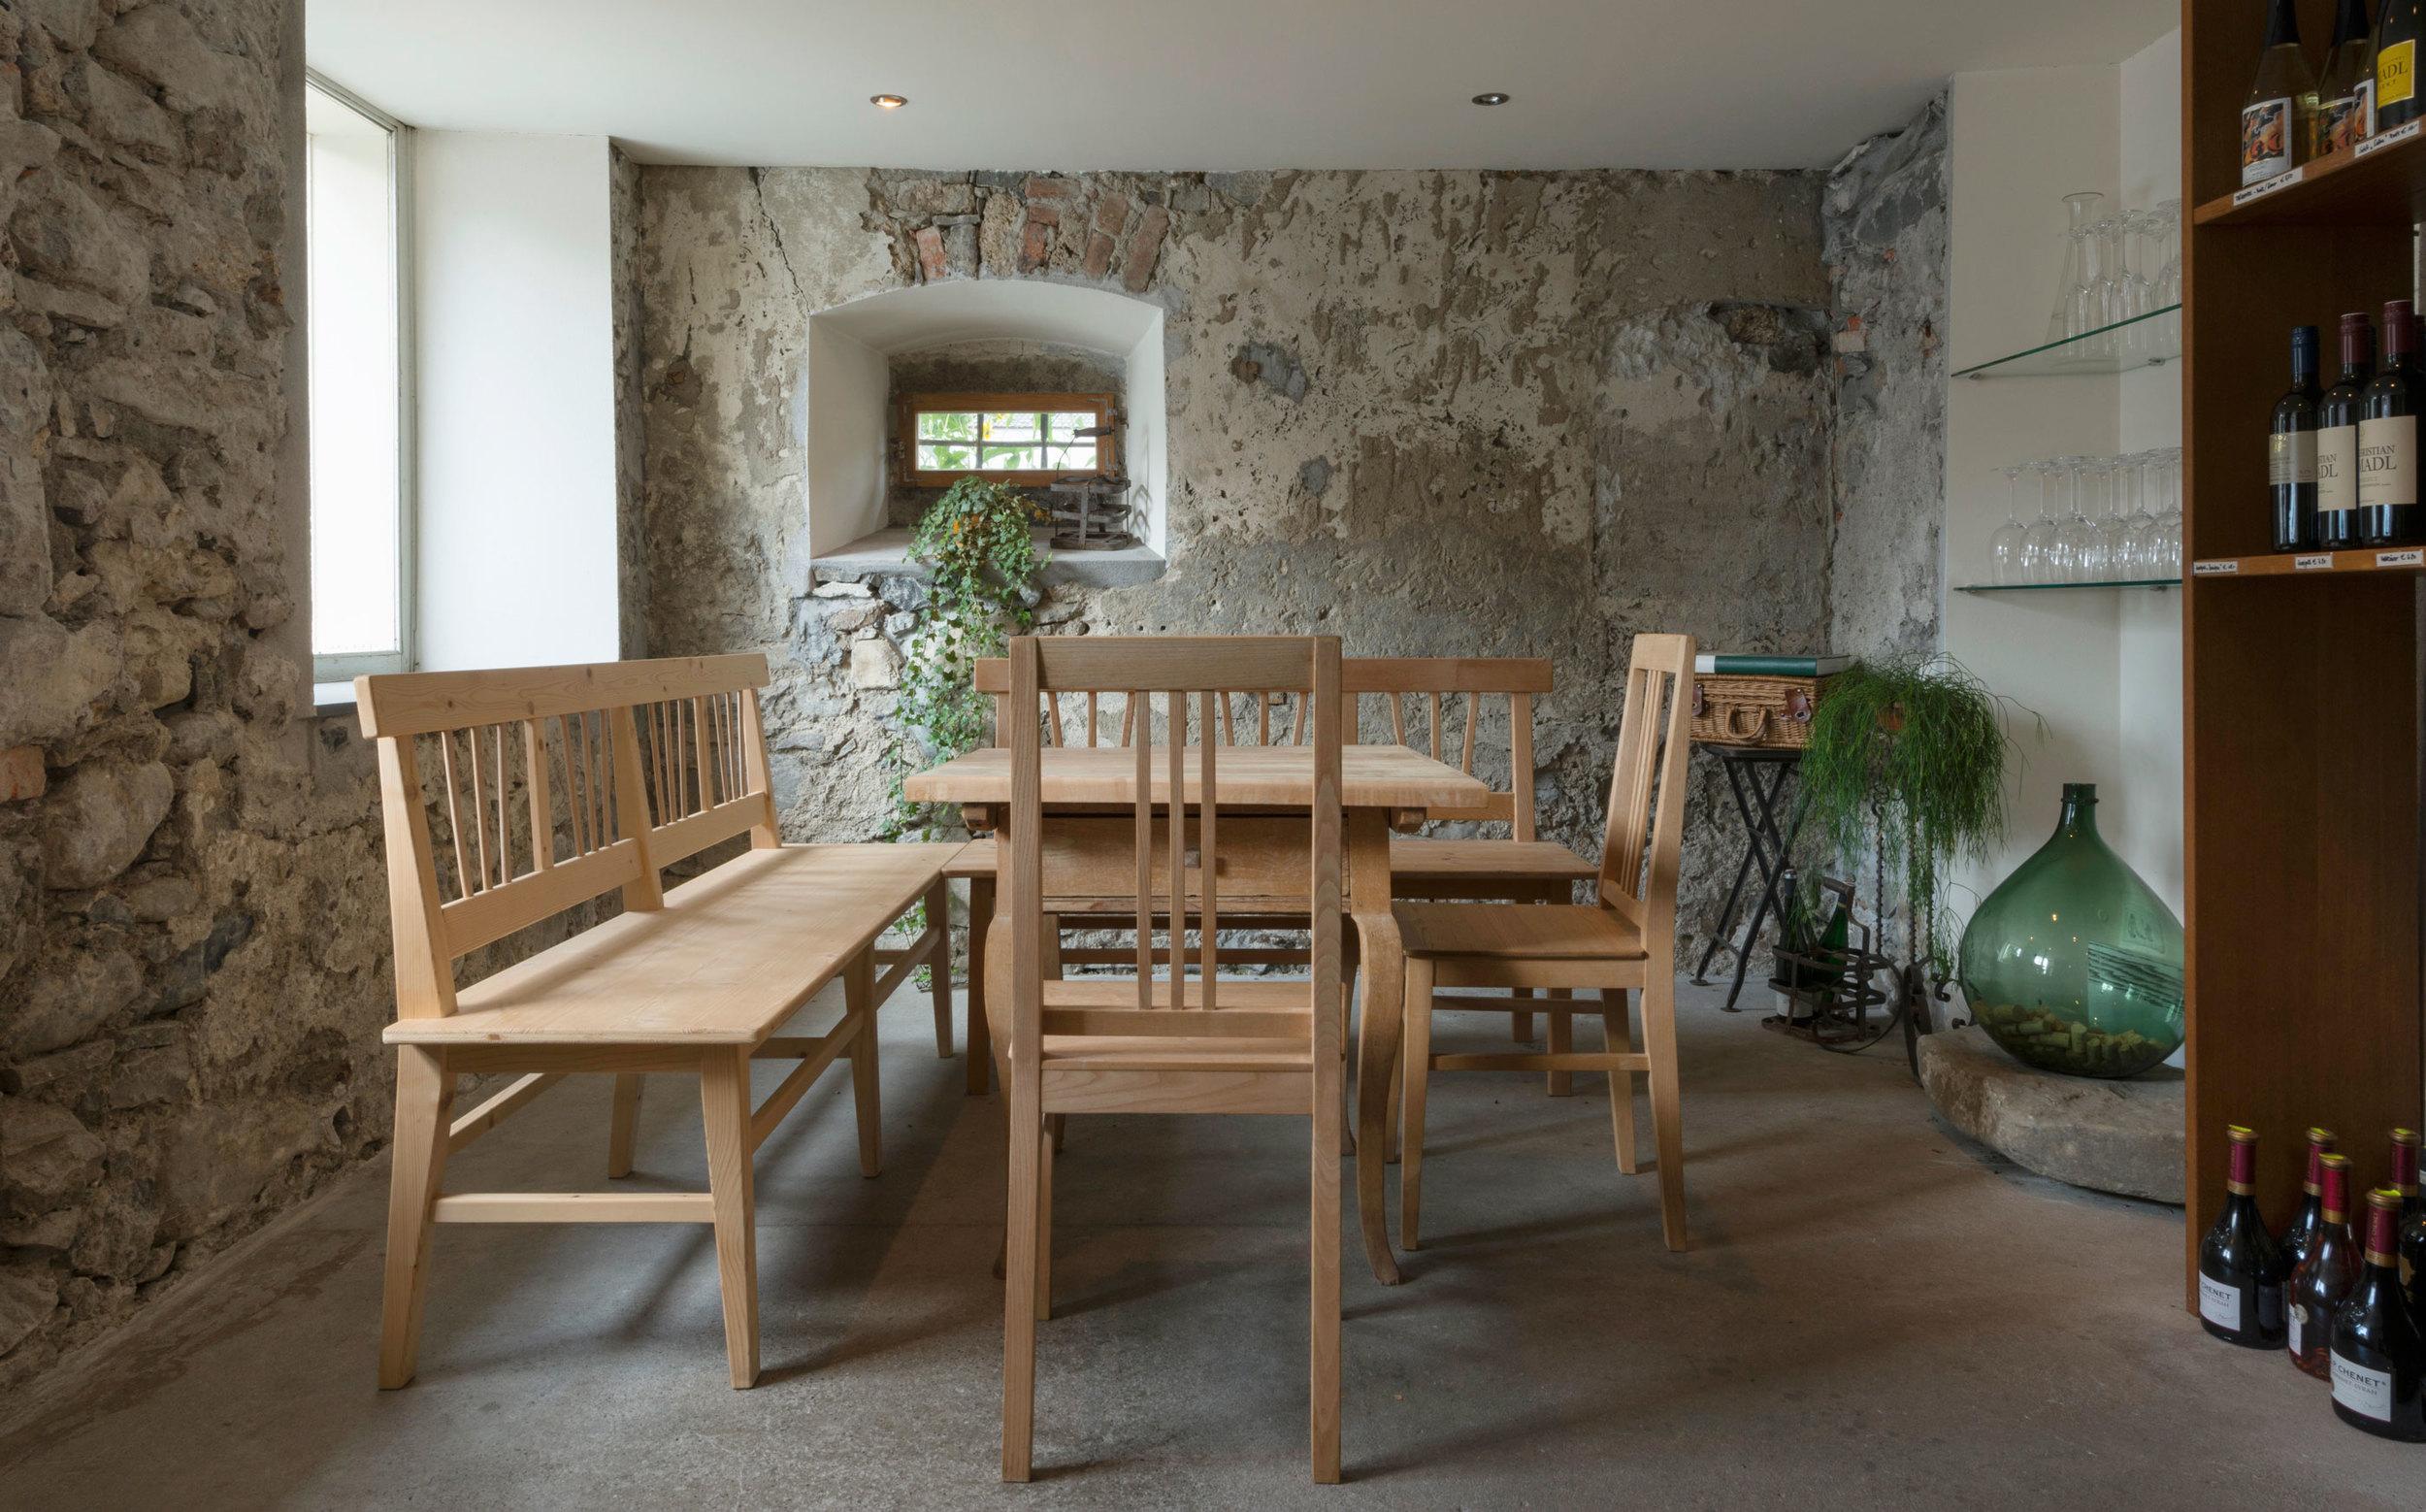 Blick vom Gang in den Weinkeller hinein. In der Mitte steht ein Holztisch mit zwei Bänken und zwei Stühlen die von Florian Berchtold – Hedis Ehemann – selbst gebaut wurden.